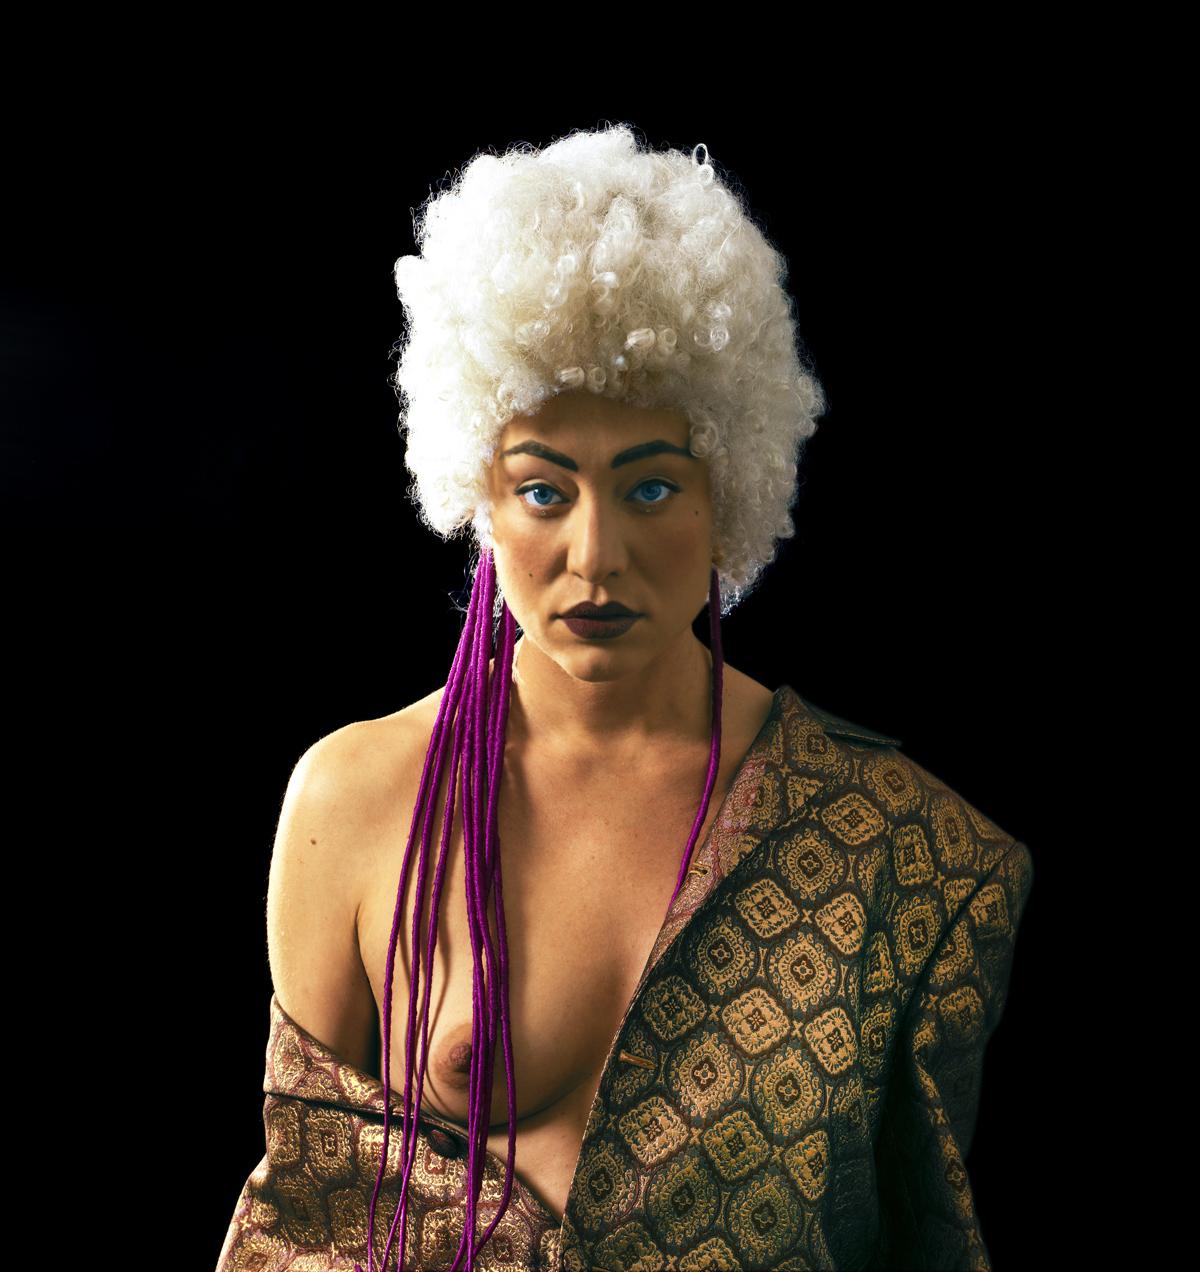 Fotografía de producto, moda,arte, publicidad, campañas turísticas por Ainhoa Anaut